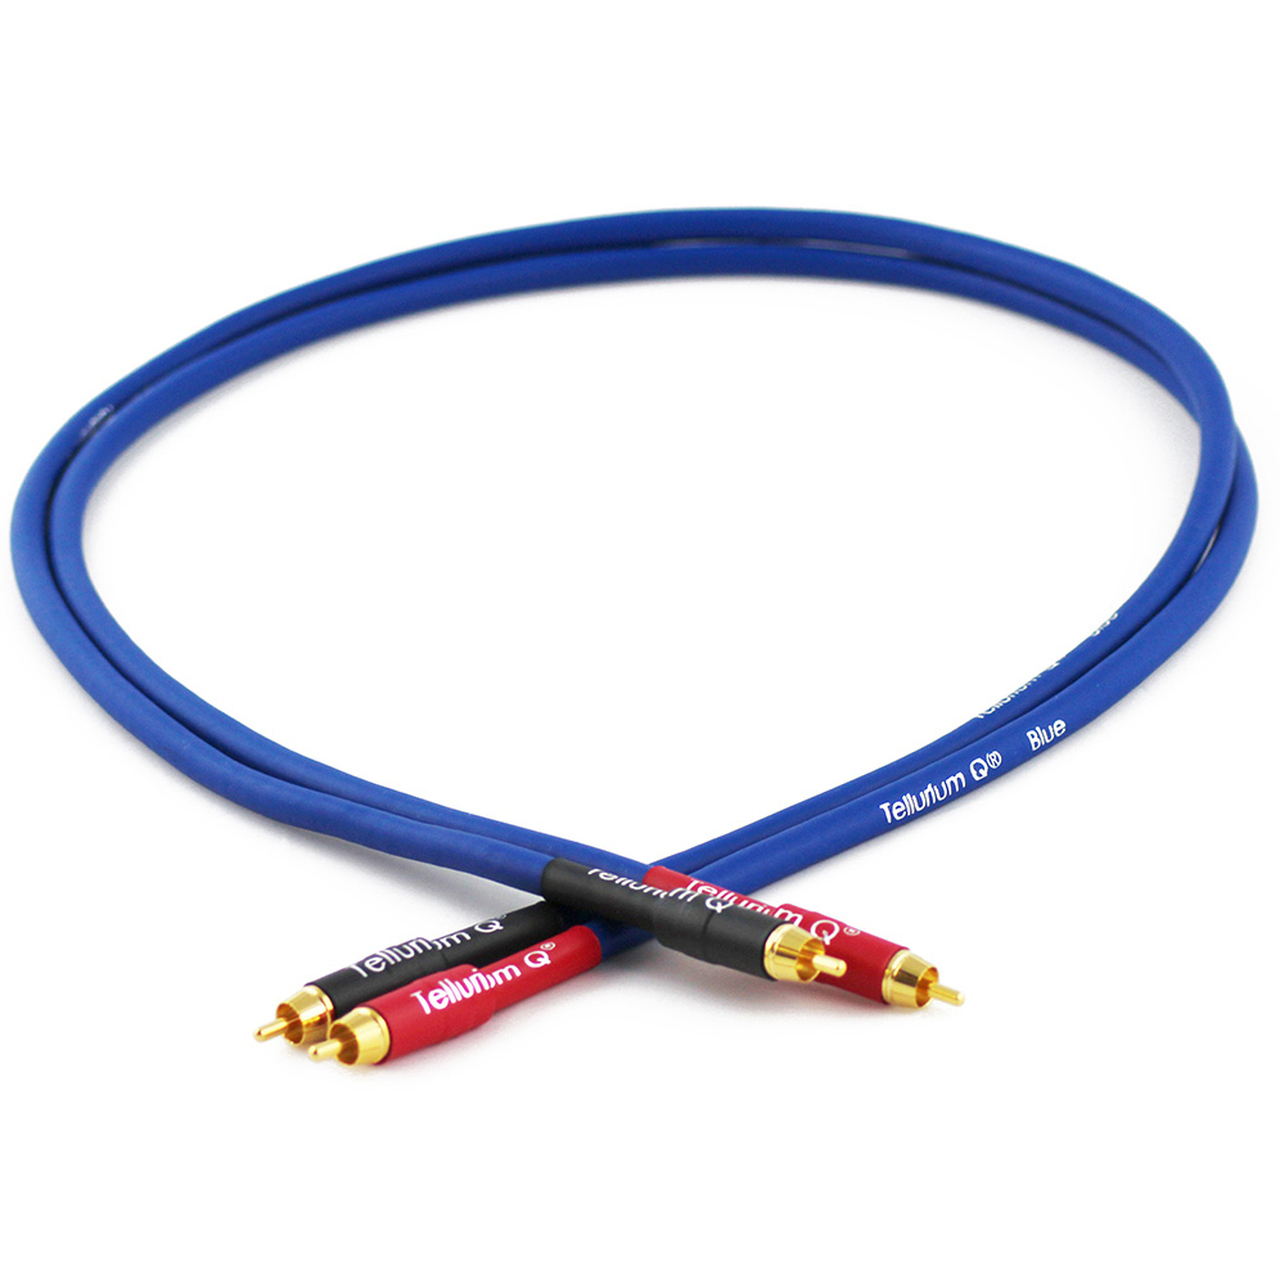 Tellurium Q Blue RCA interconnects